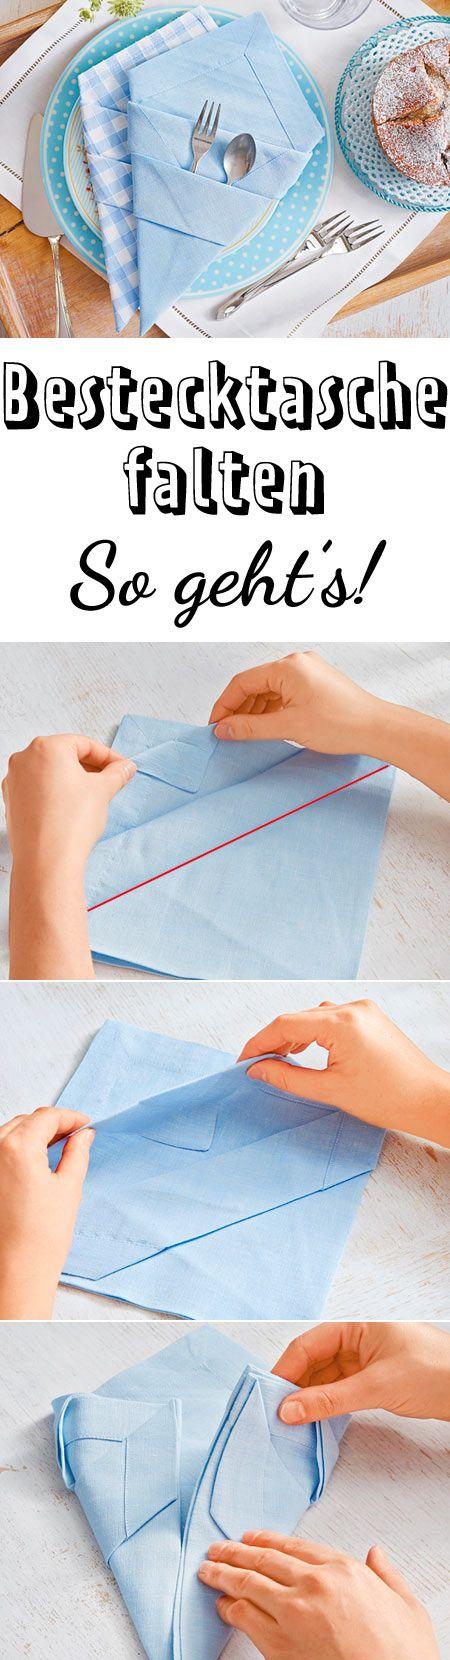 Bestecktasche falten aus servietten so geht 39 s - Servietten dekorativ falten ...